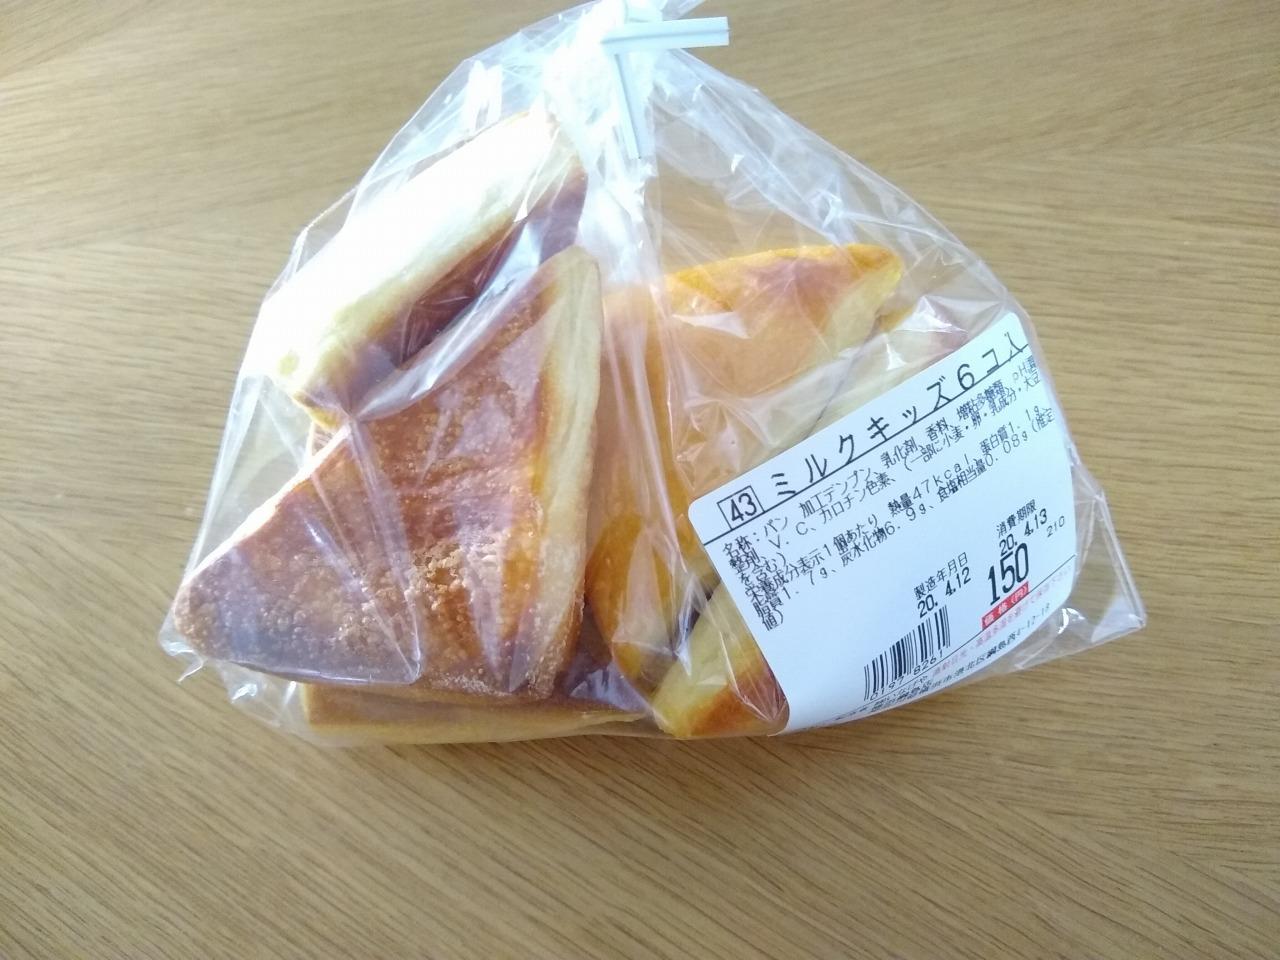 いなげや横浜綱島店のパン屋さんボンマタン購入品